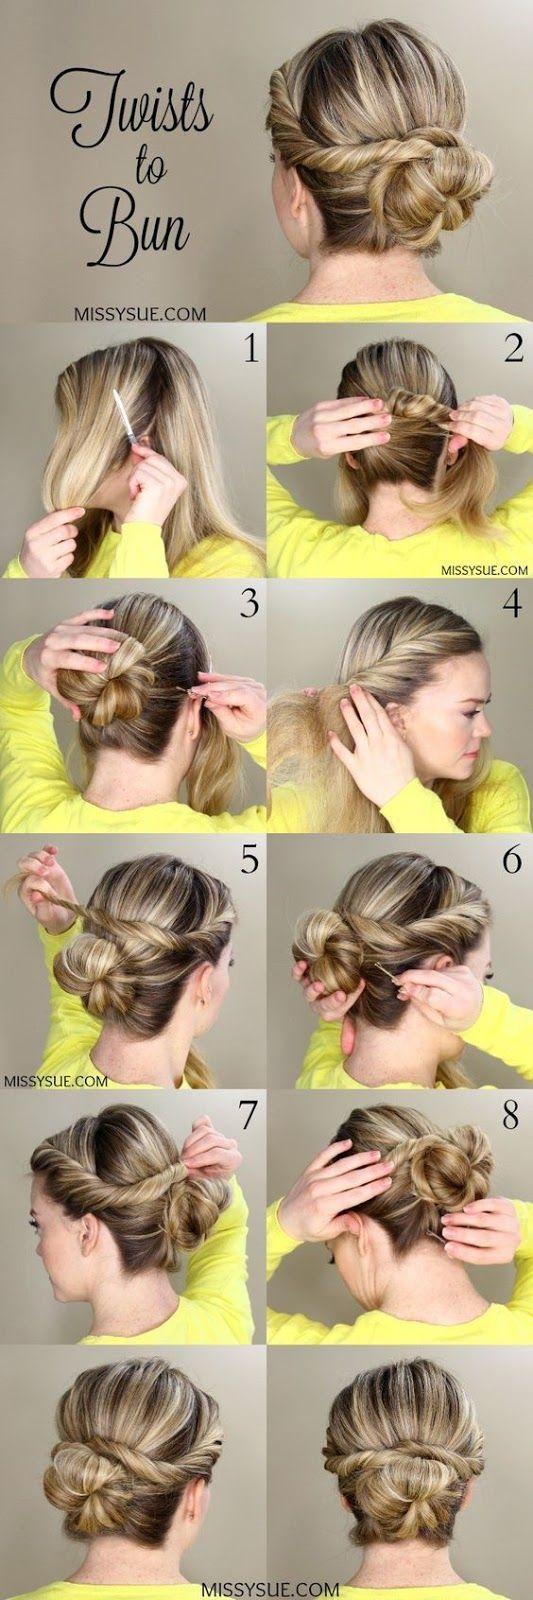 62 coiffures simples à faire soi-même étape par étape – nouveau site